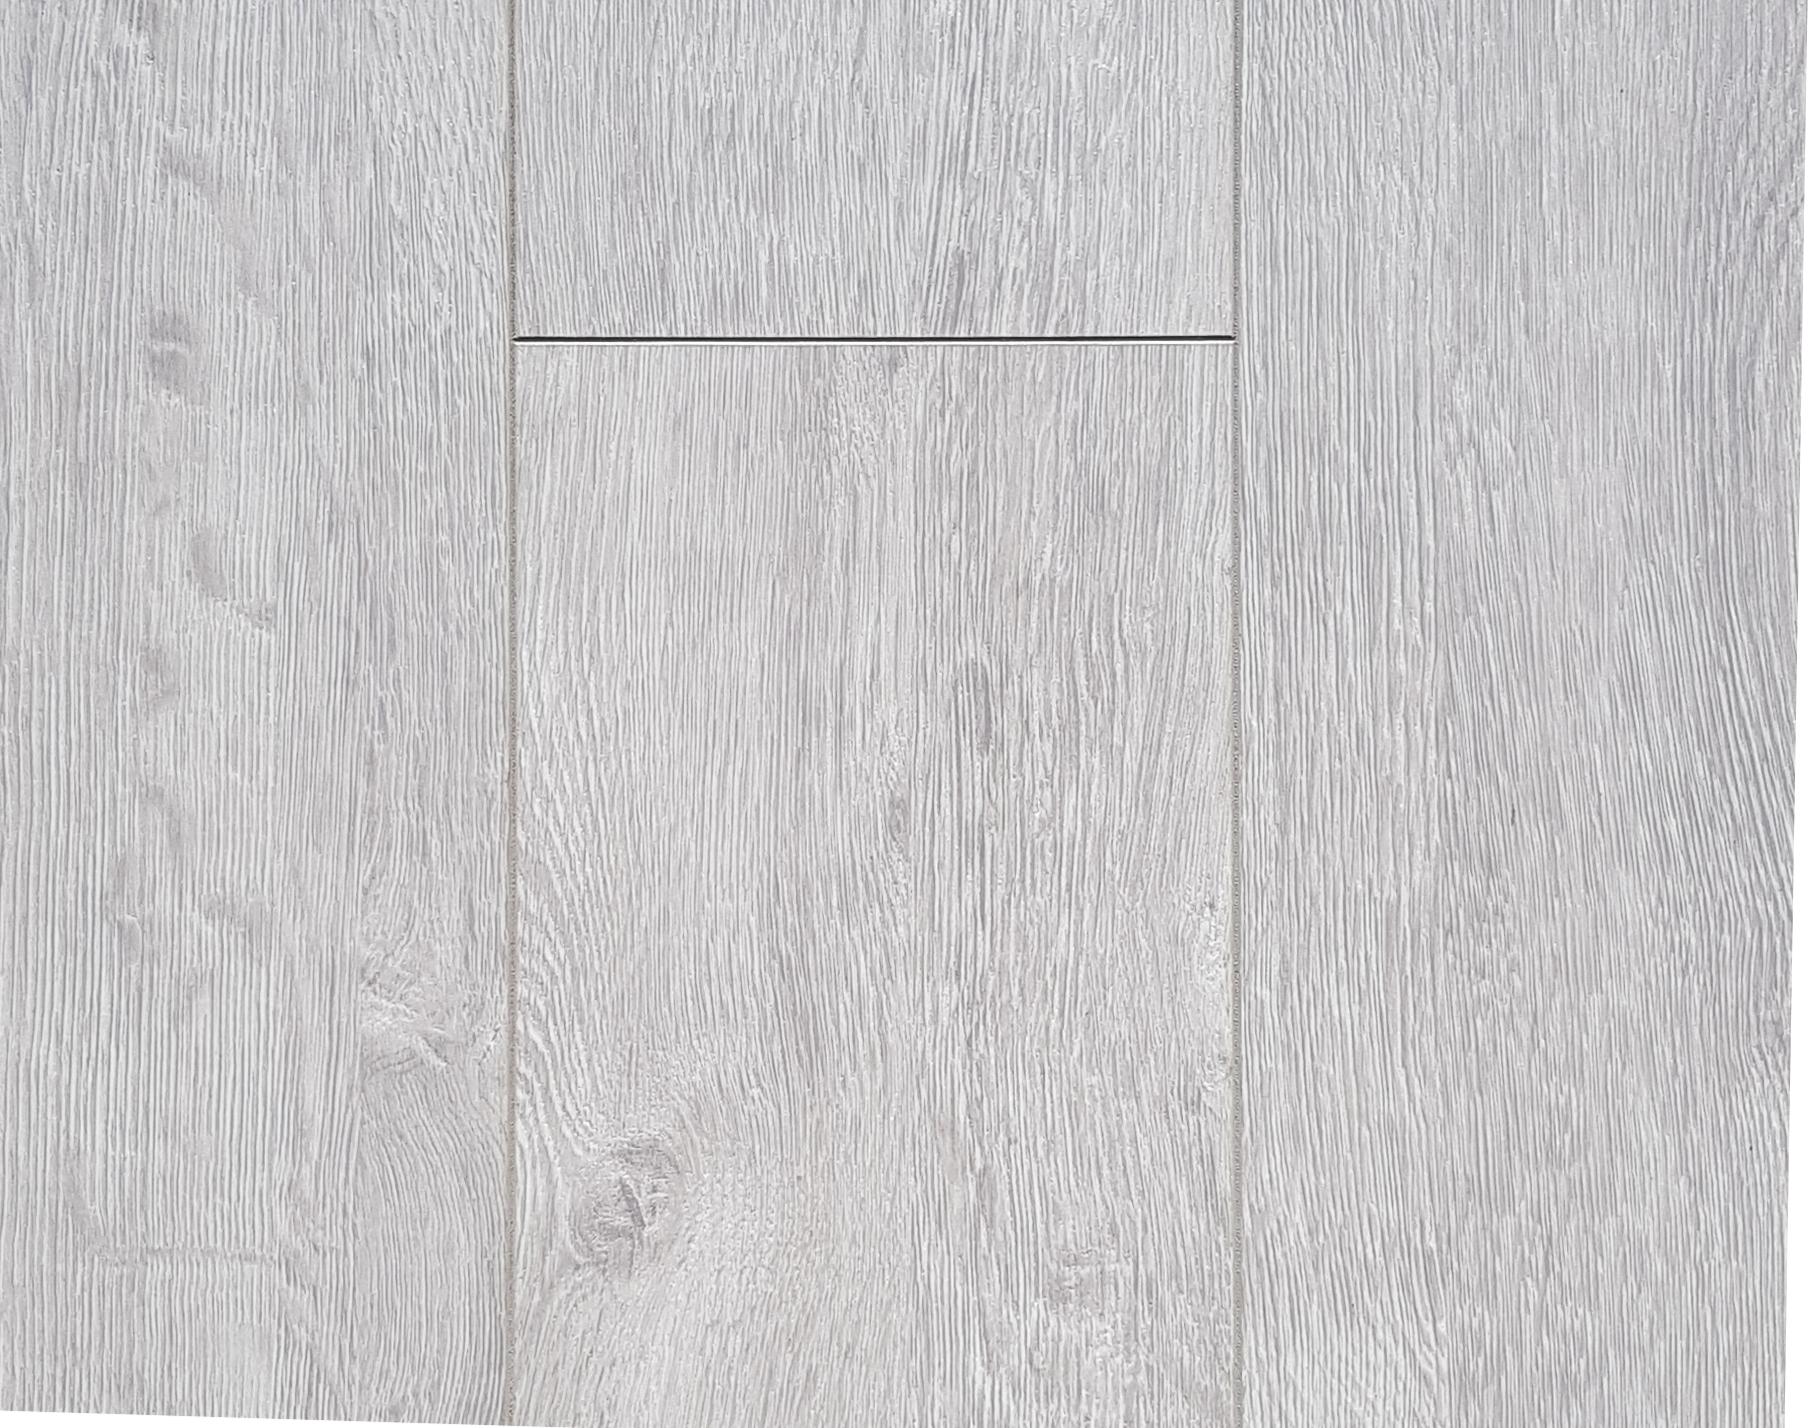 Sun Floors Imports- GFTT- Dove